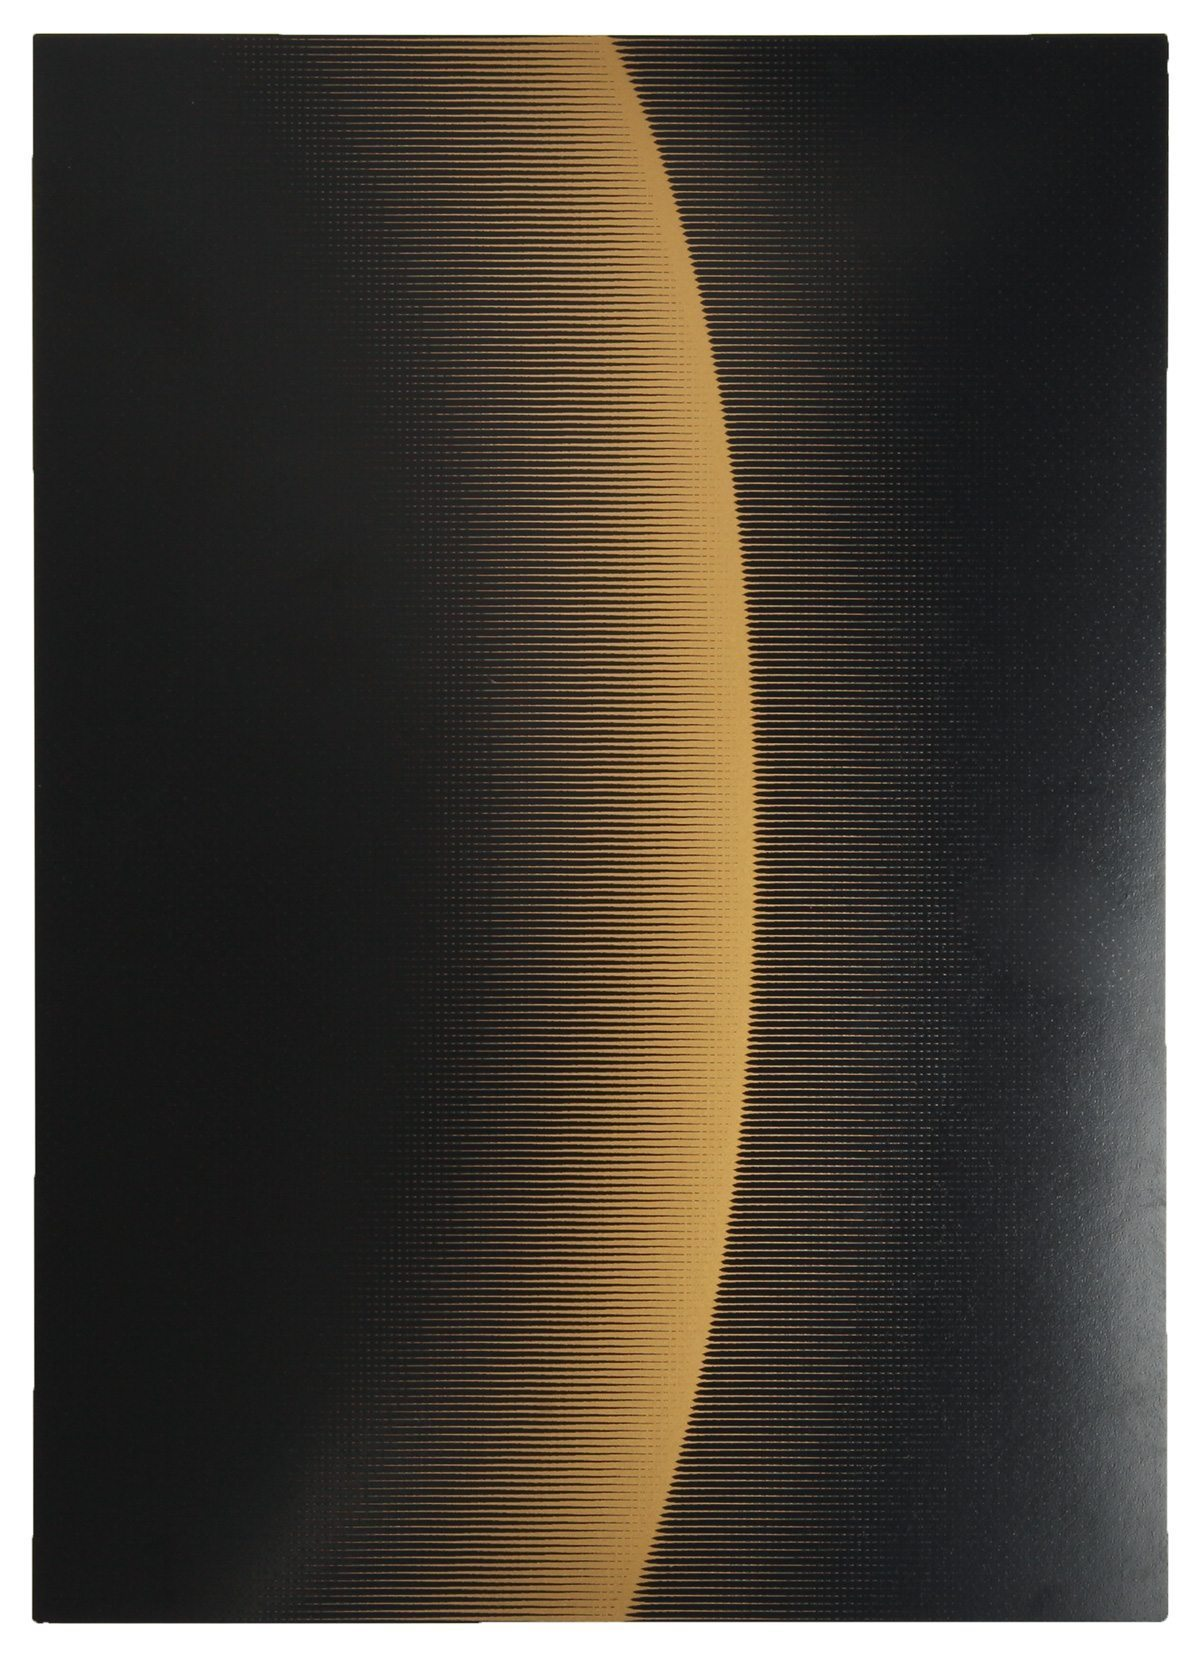 Carton d'invitation de l'exposition Lumières Célestes, à la ToolsGalerie, Paris. Design Ich&Kar.